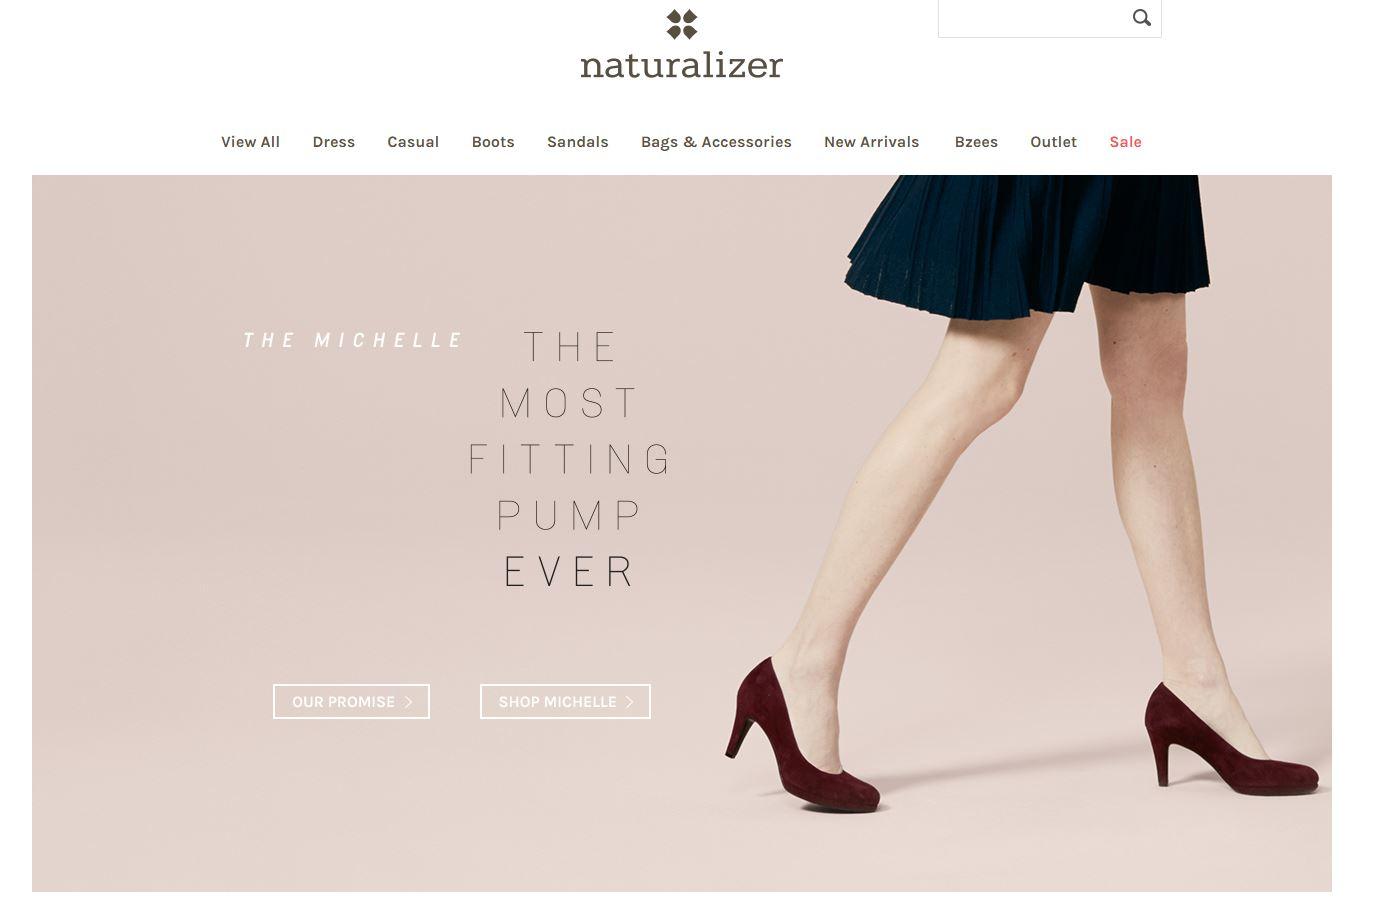 ab9f56cd3 Naturalizer.com Reviews